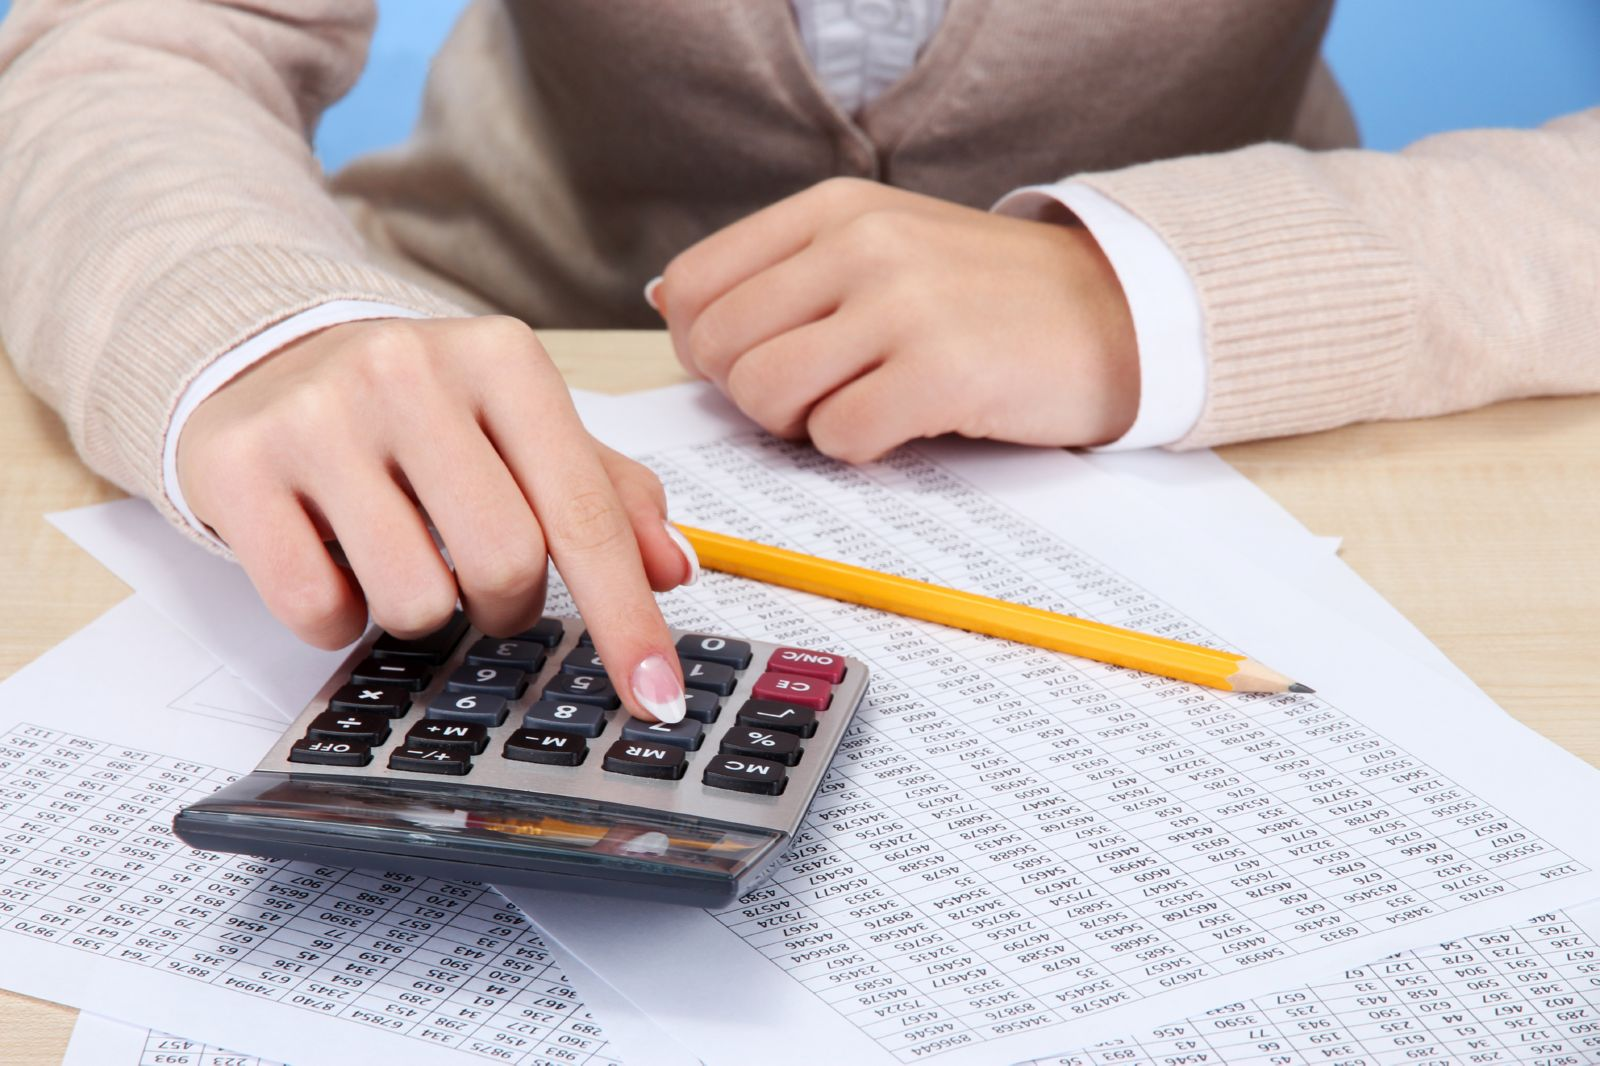 Расчет выплаты на калькуляторе